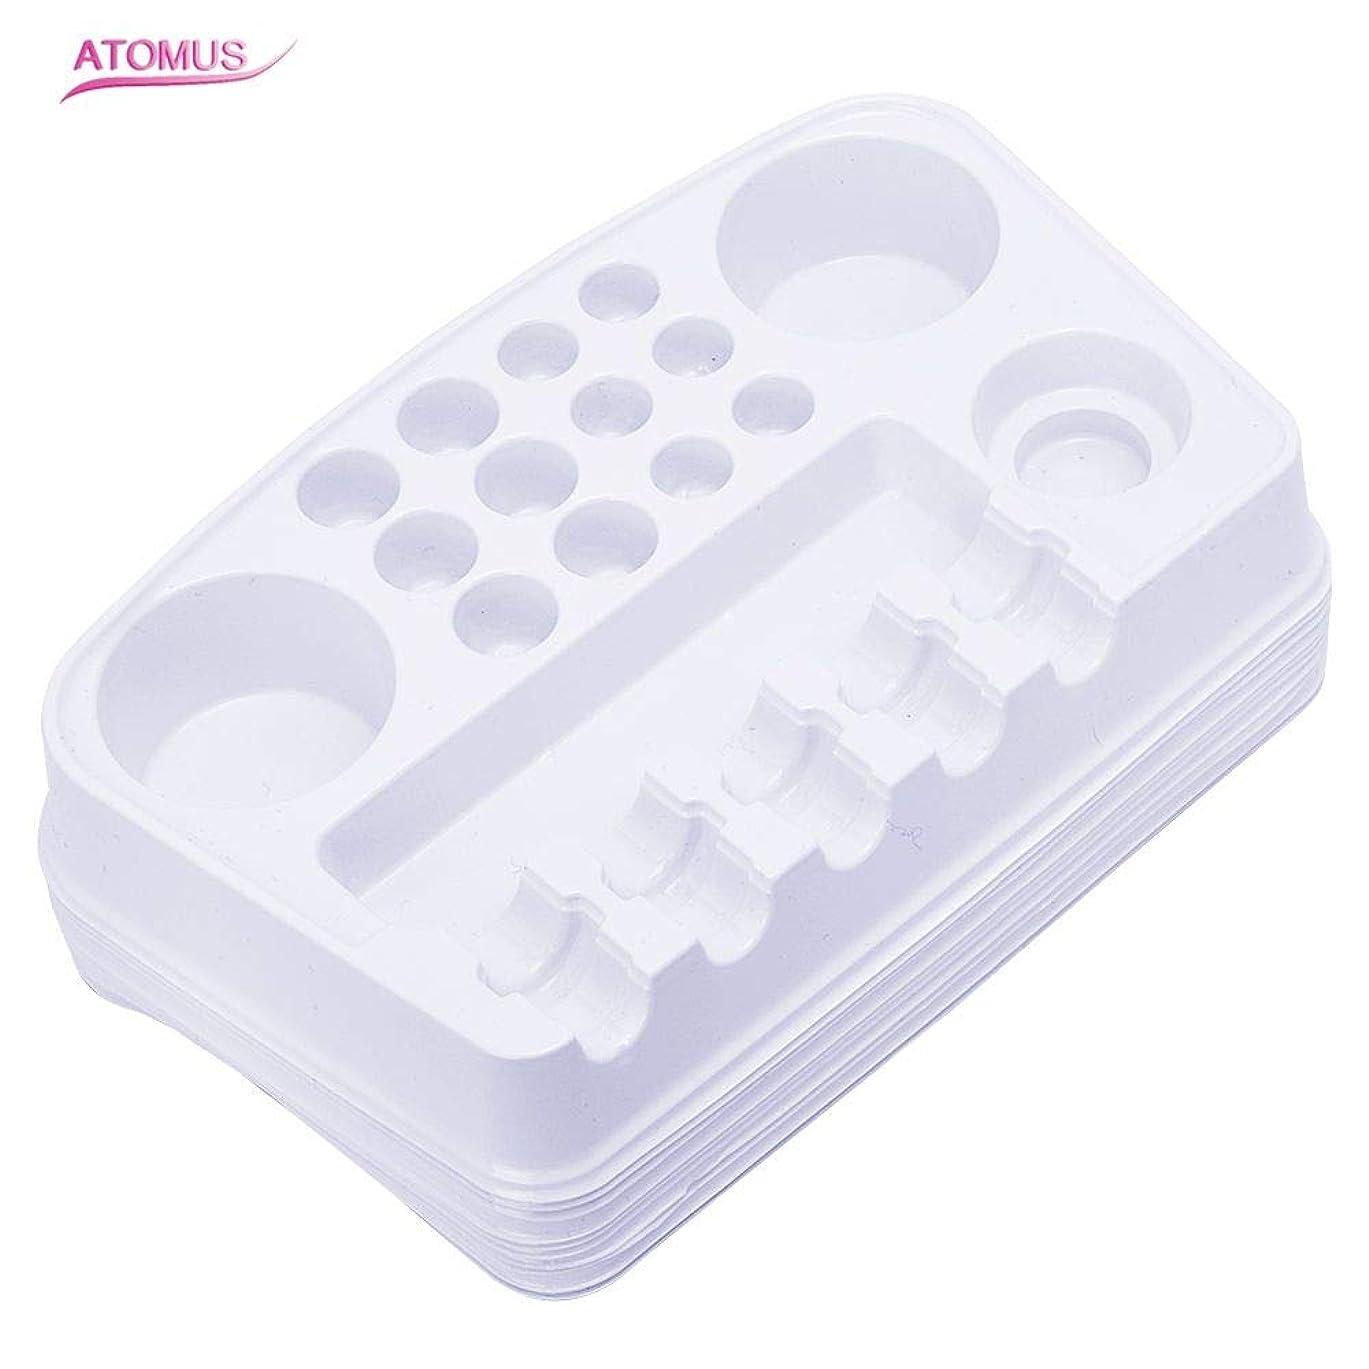 拮抗含意虐殺タトゥー インクカップ 機械 針 ホルダー 収納ラック, ATOMUS 10個 使い捨てプラスチック 顔料 カップホルダートレイプレート